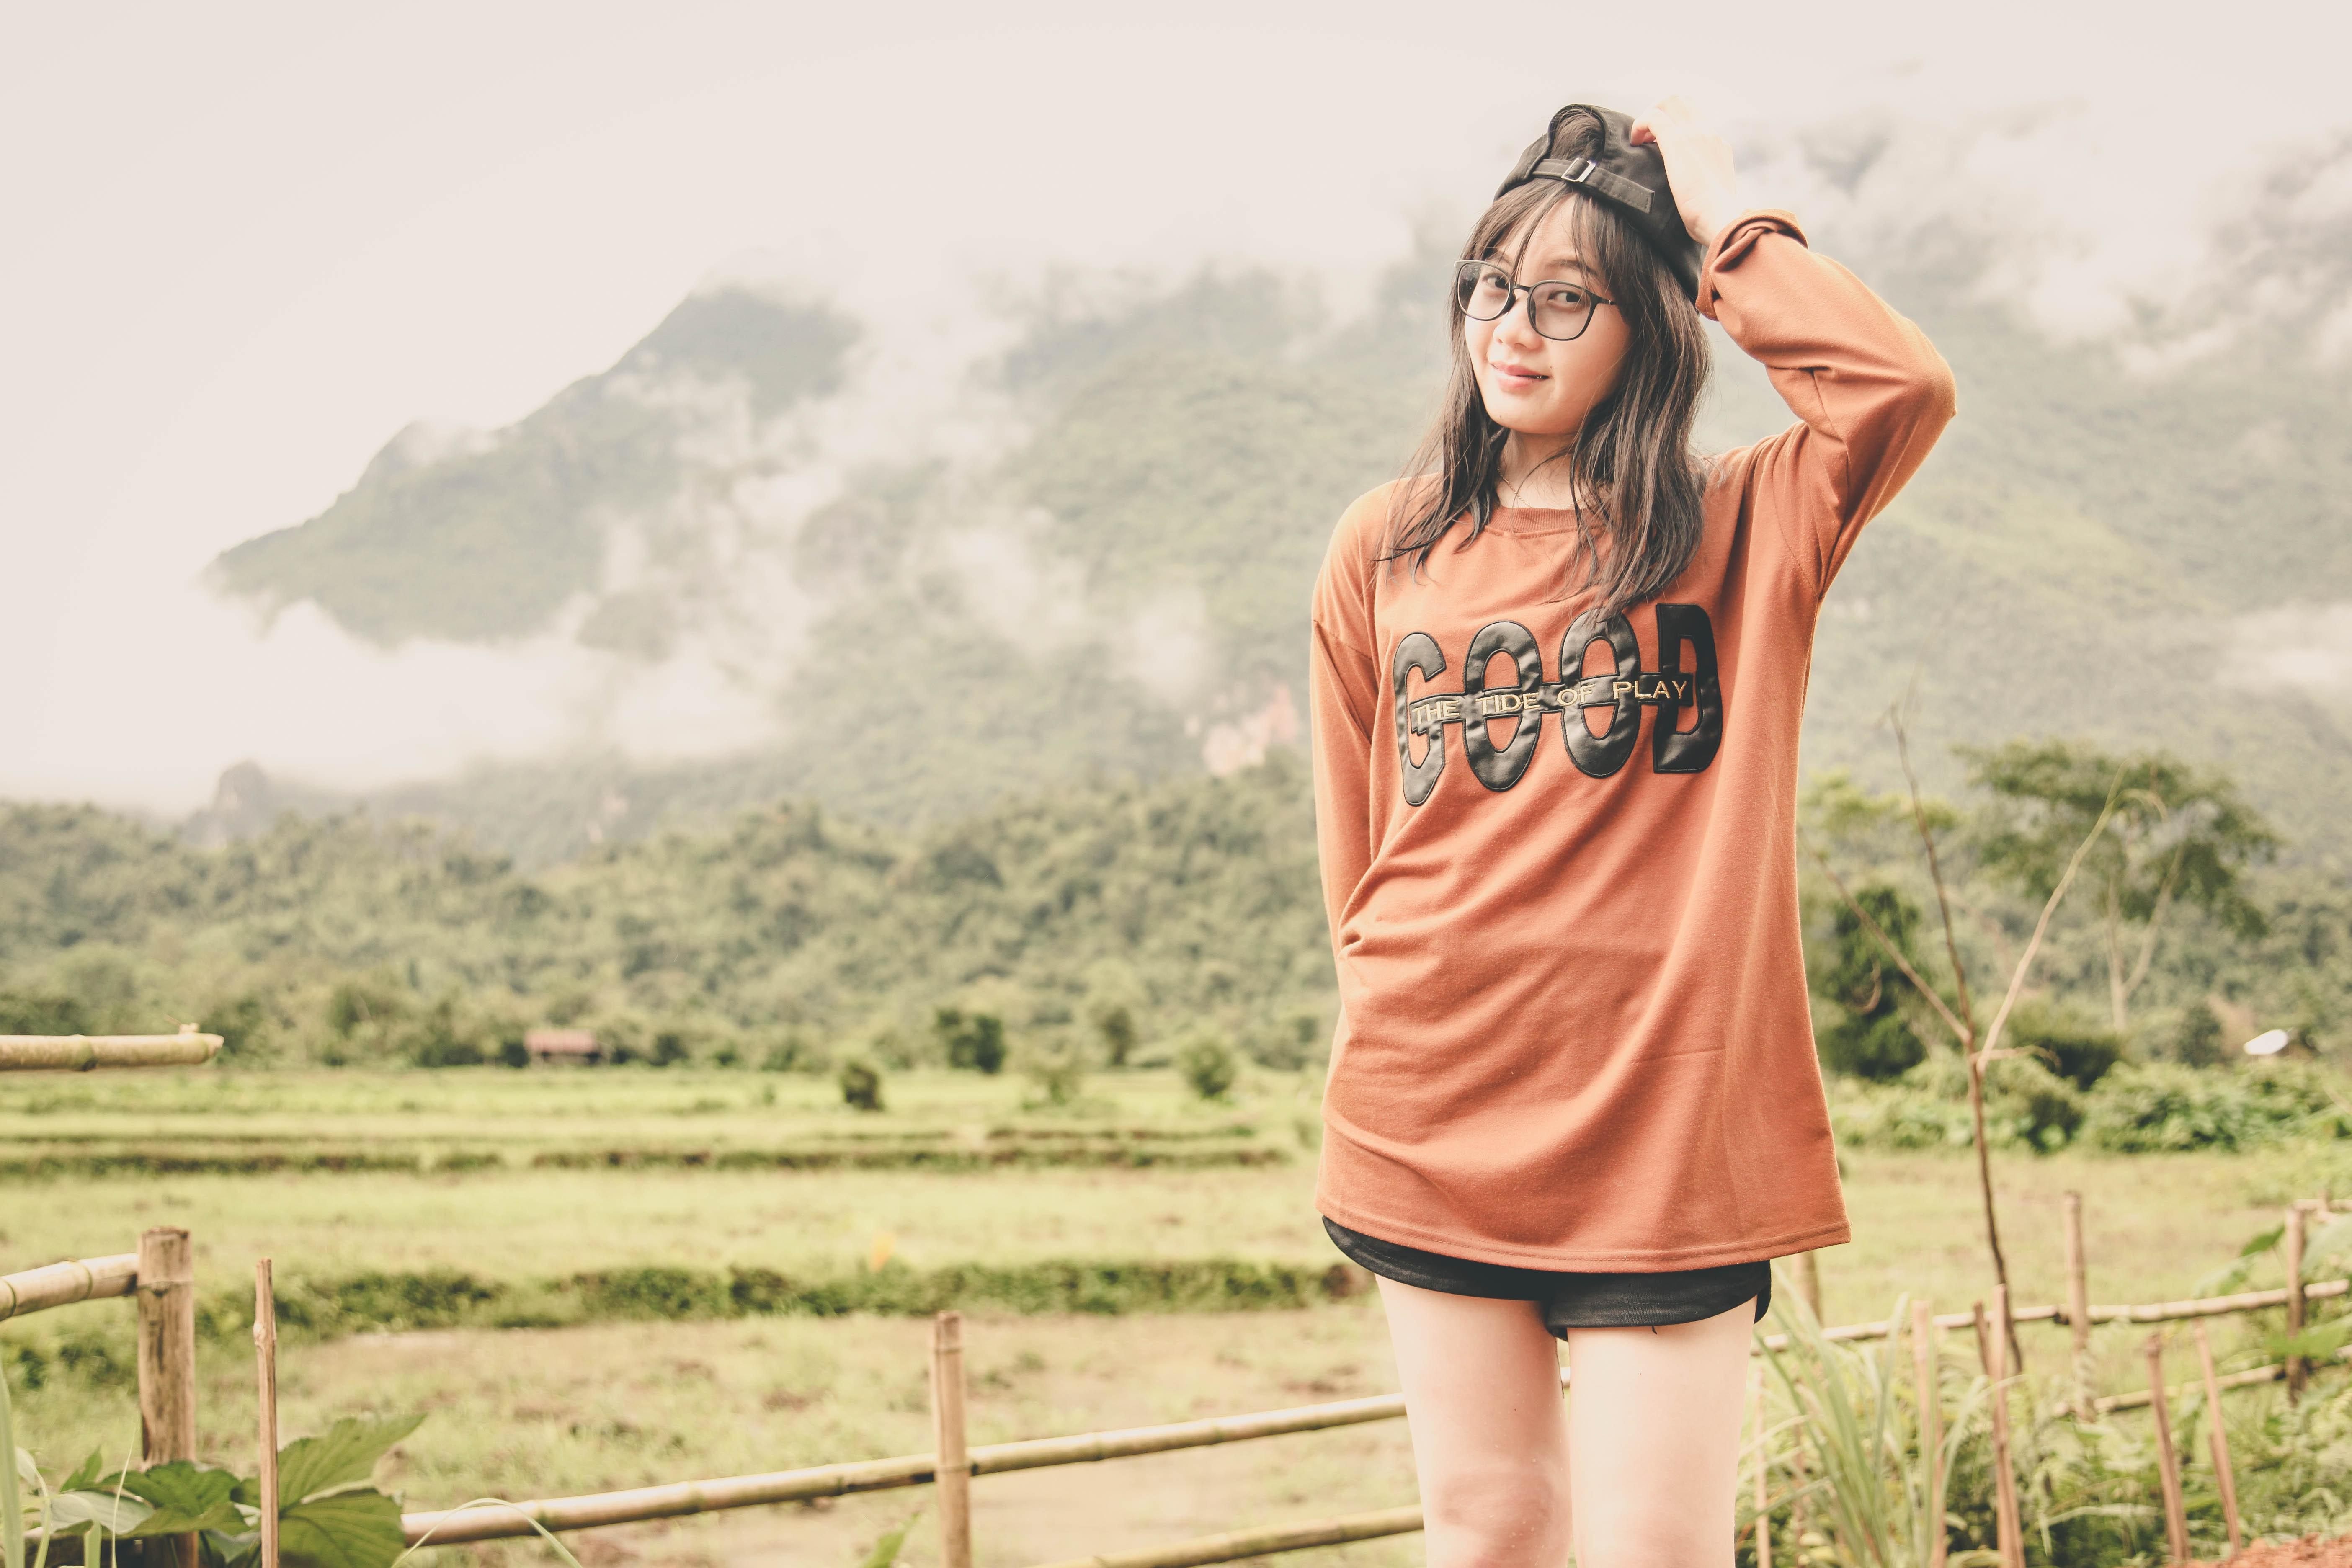 Woman wearing orange long-sleeved shirt photo